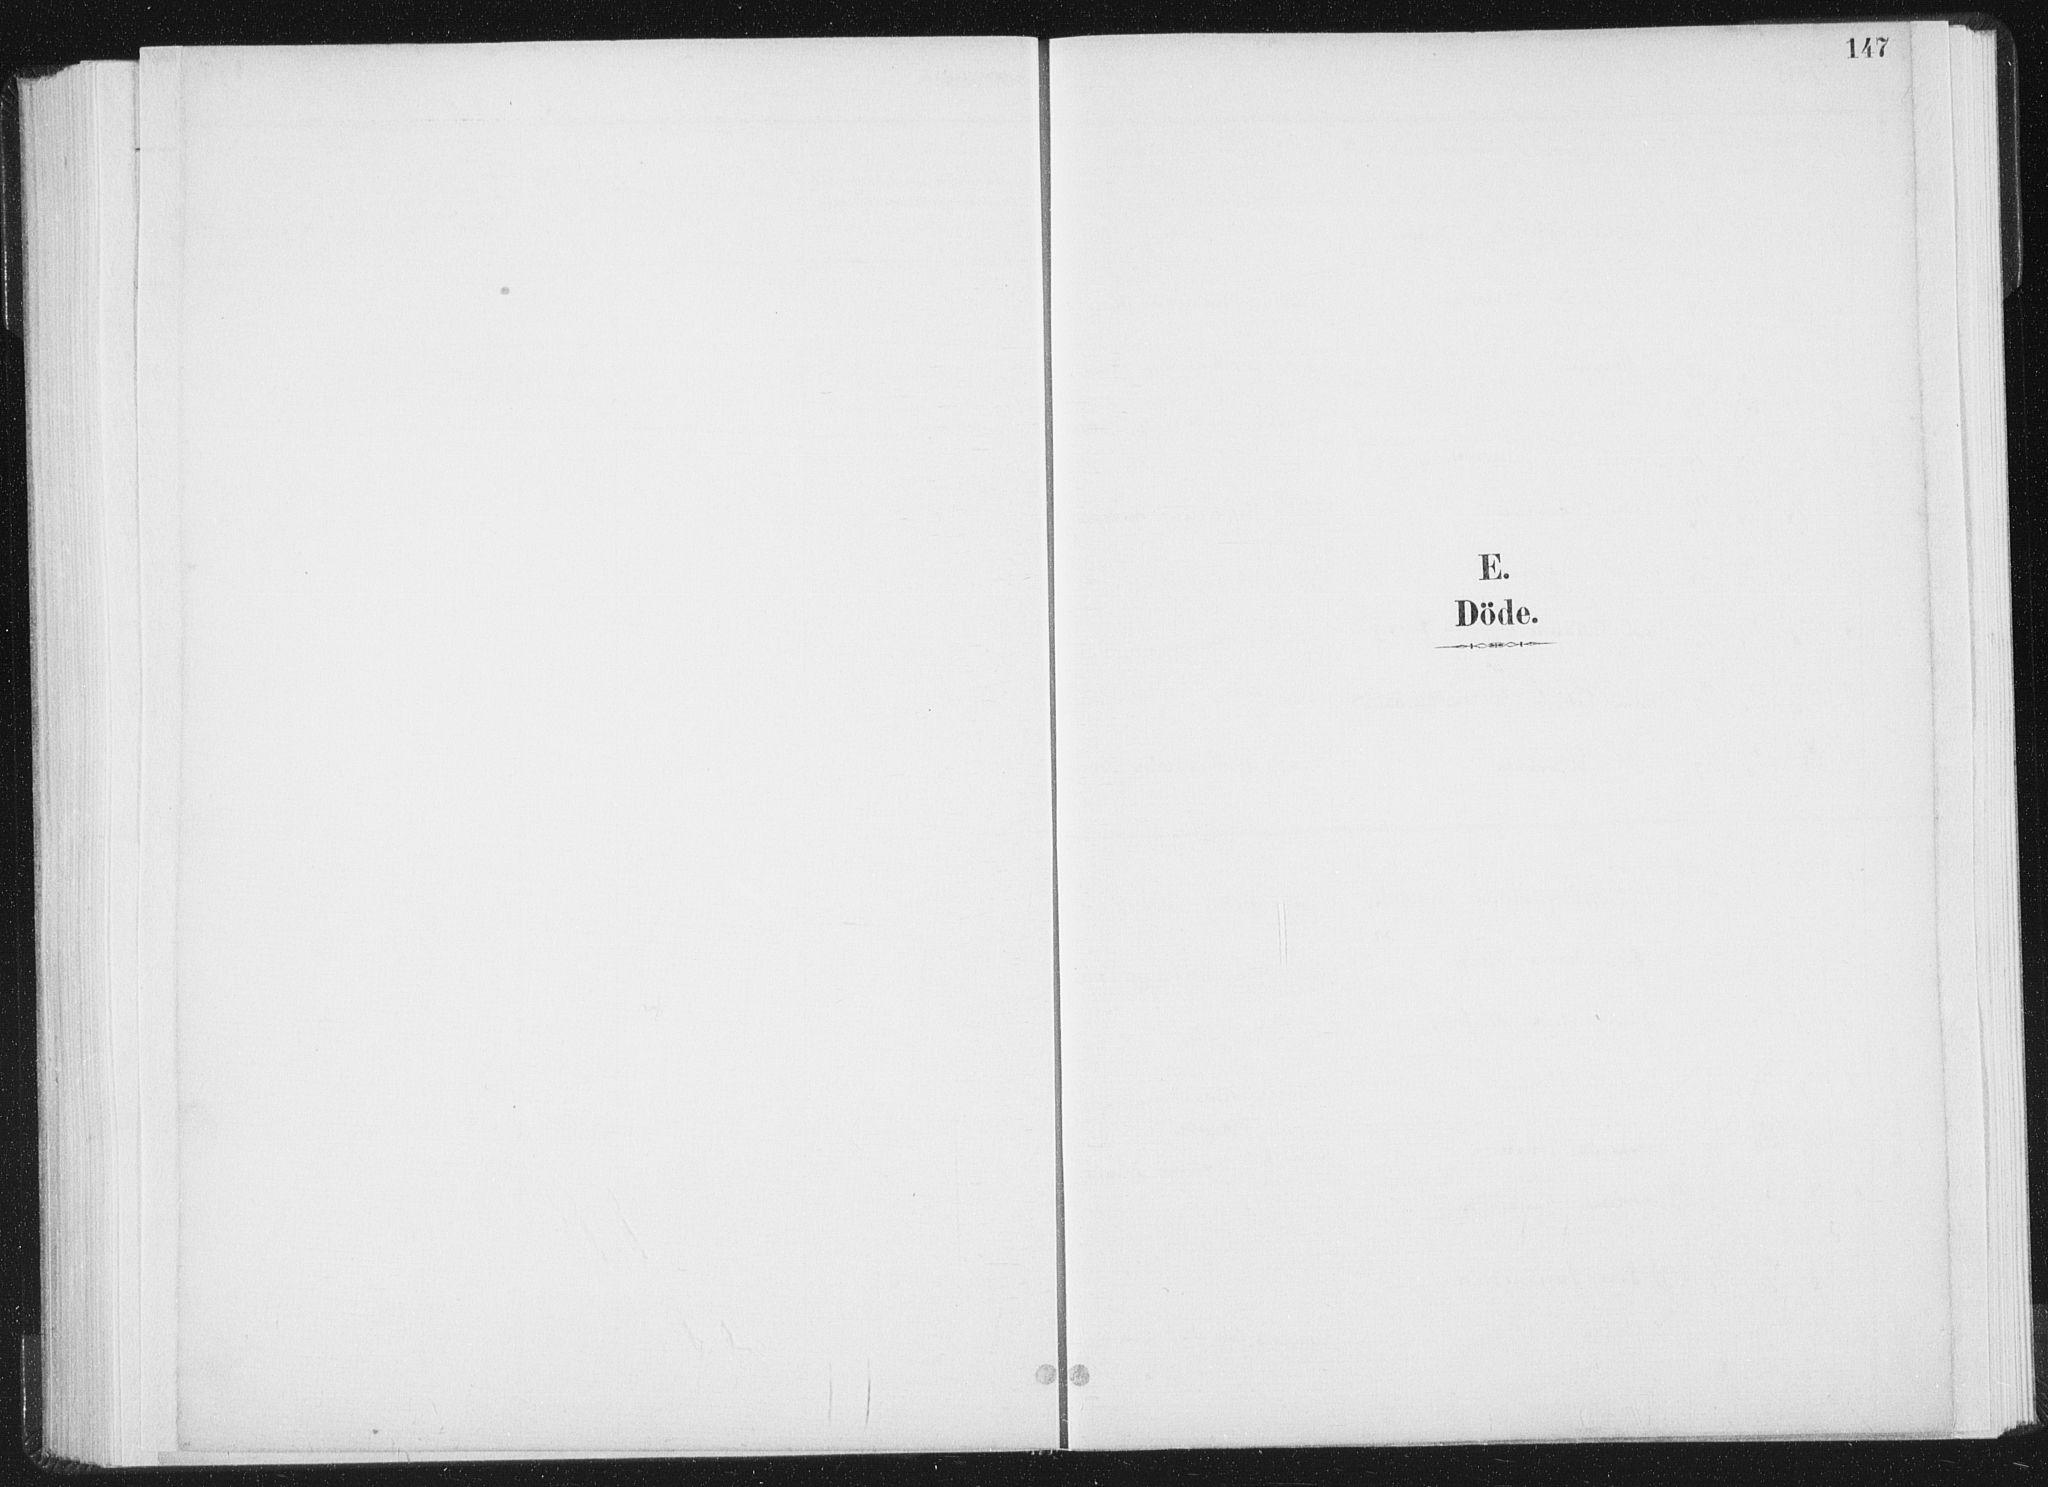 SAT, Ministerialprotokoller, klokkerbøker og fødselsregistre - Nord-Trøndelag, 771/L0597: Ministerialbok nr. 771A04, 1885-1910, s. 147